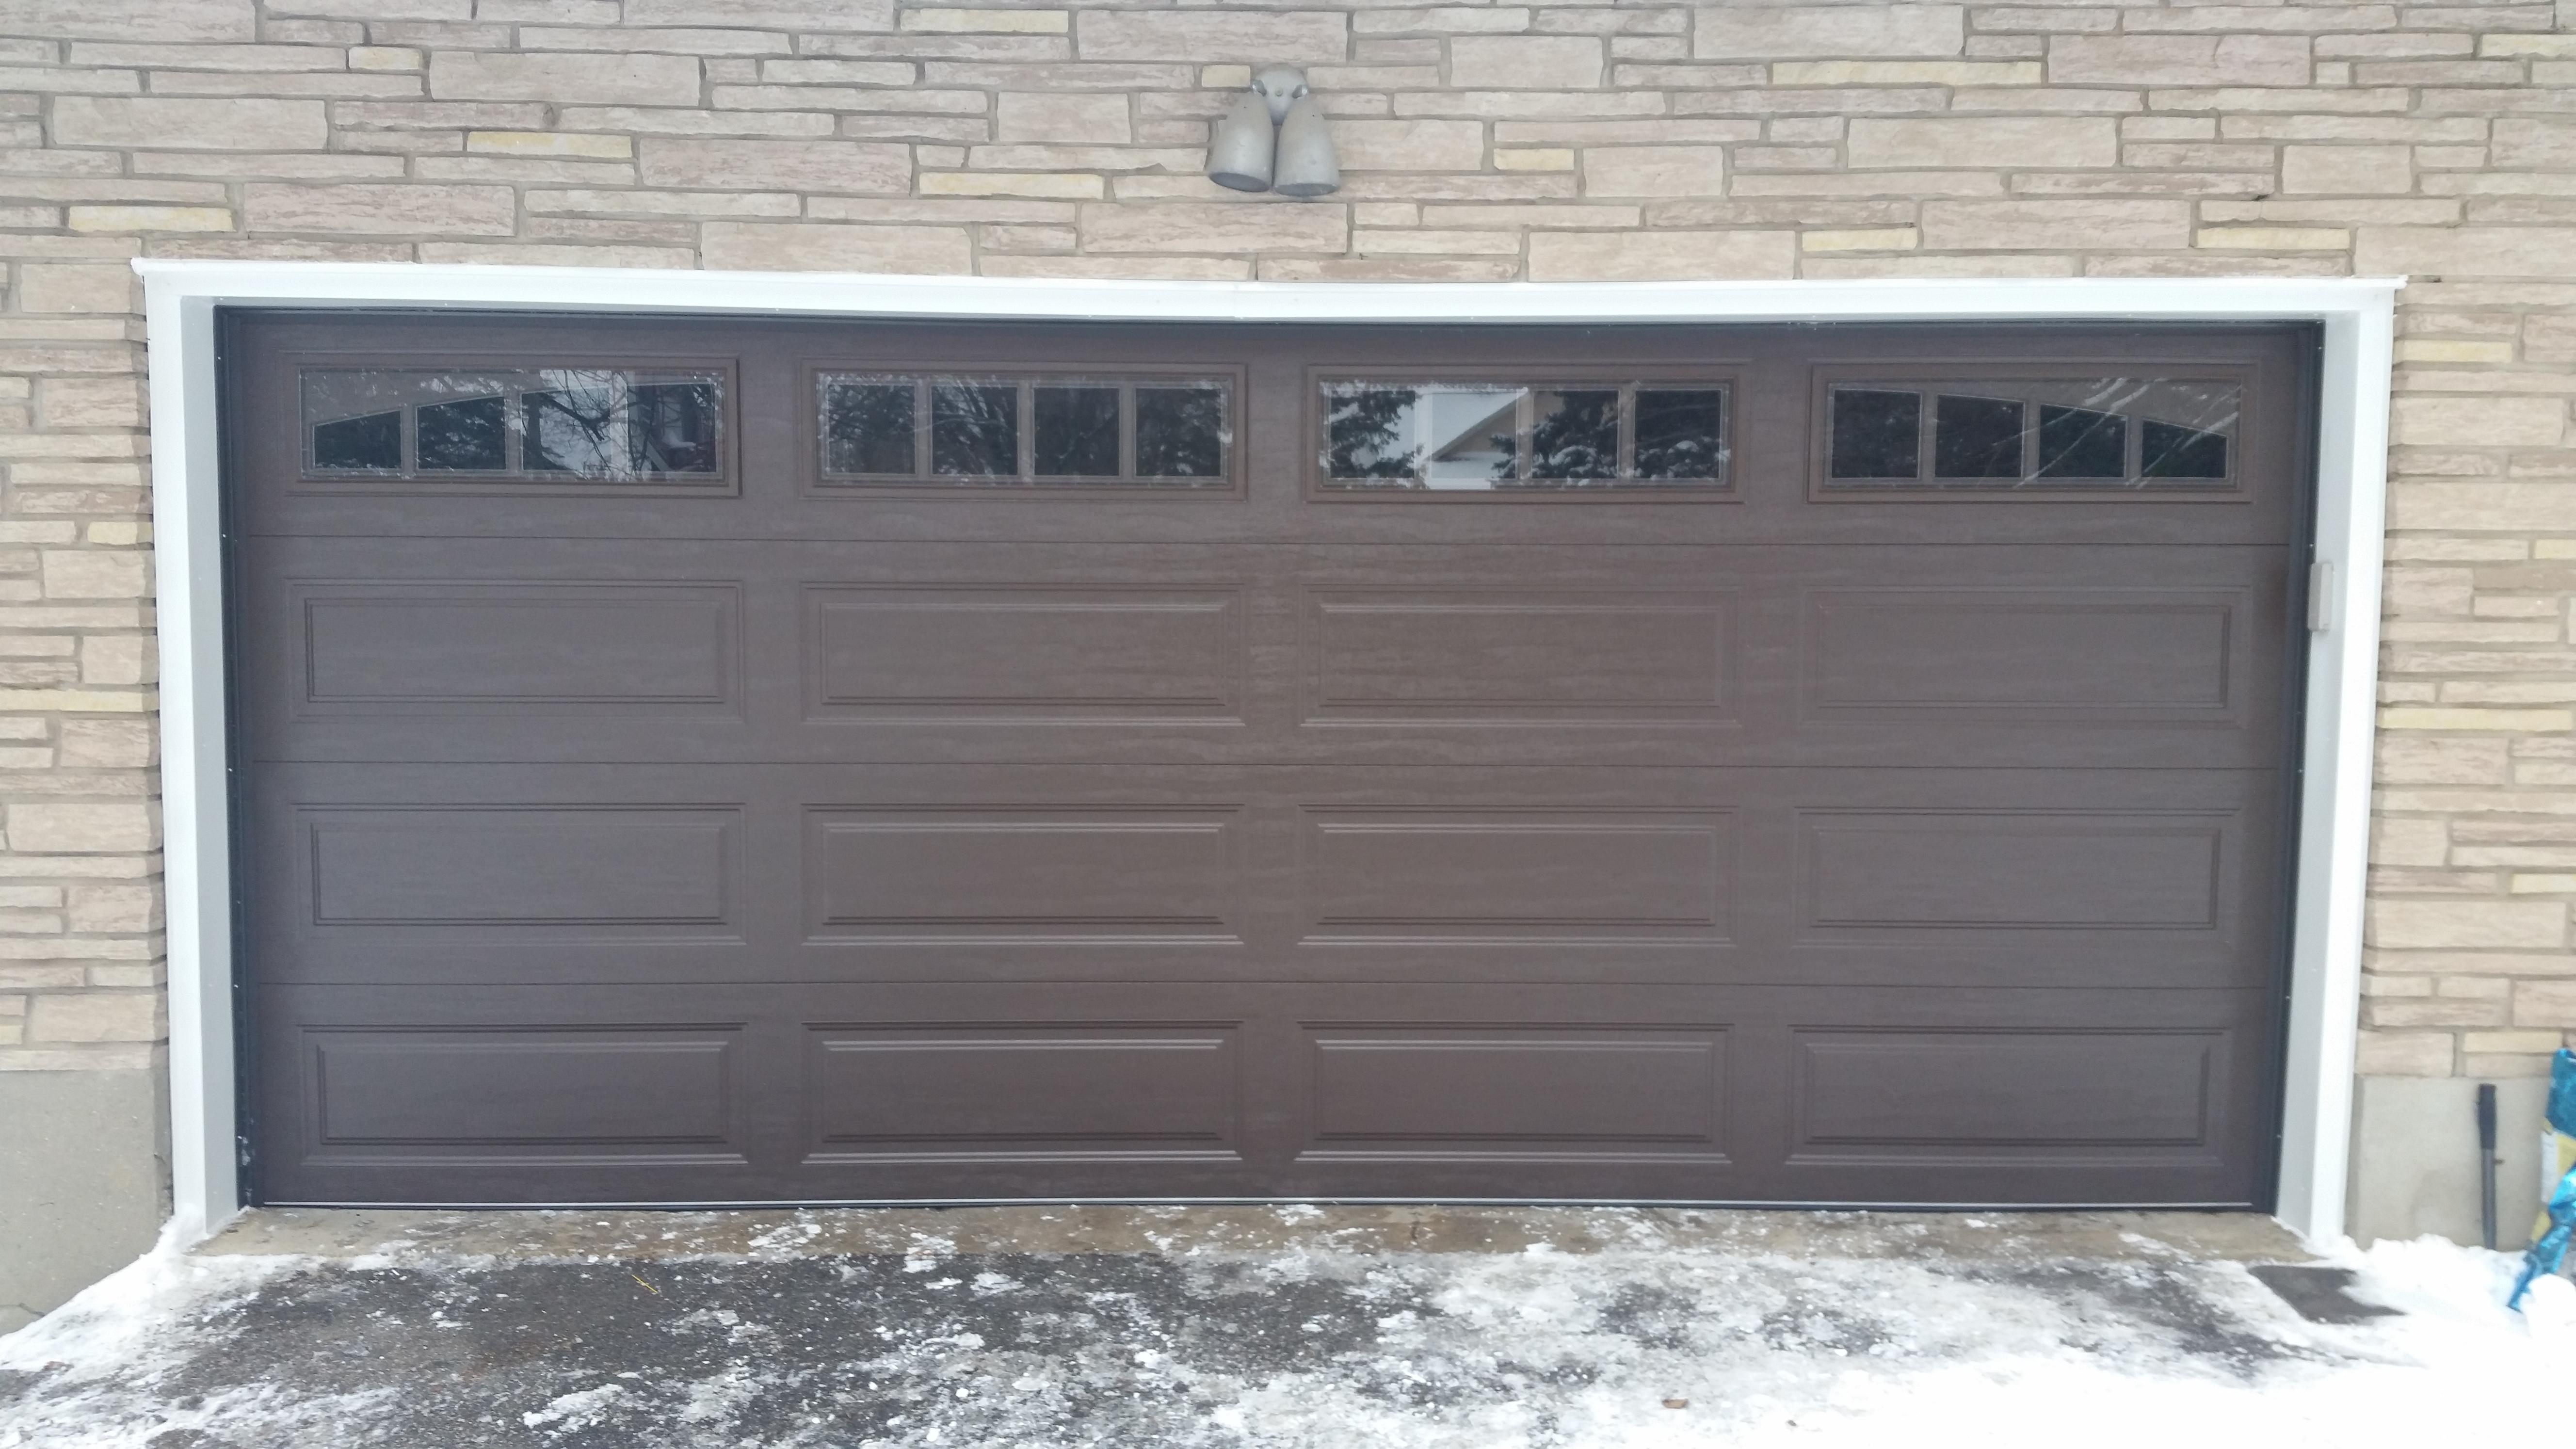 2988 #505A66 Overhead Doors Gallery WM Haws Overhead Doors picture/photo Overhead Garage Doors 38295312